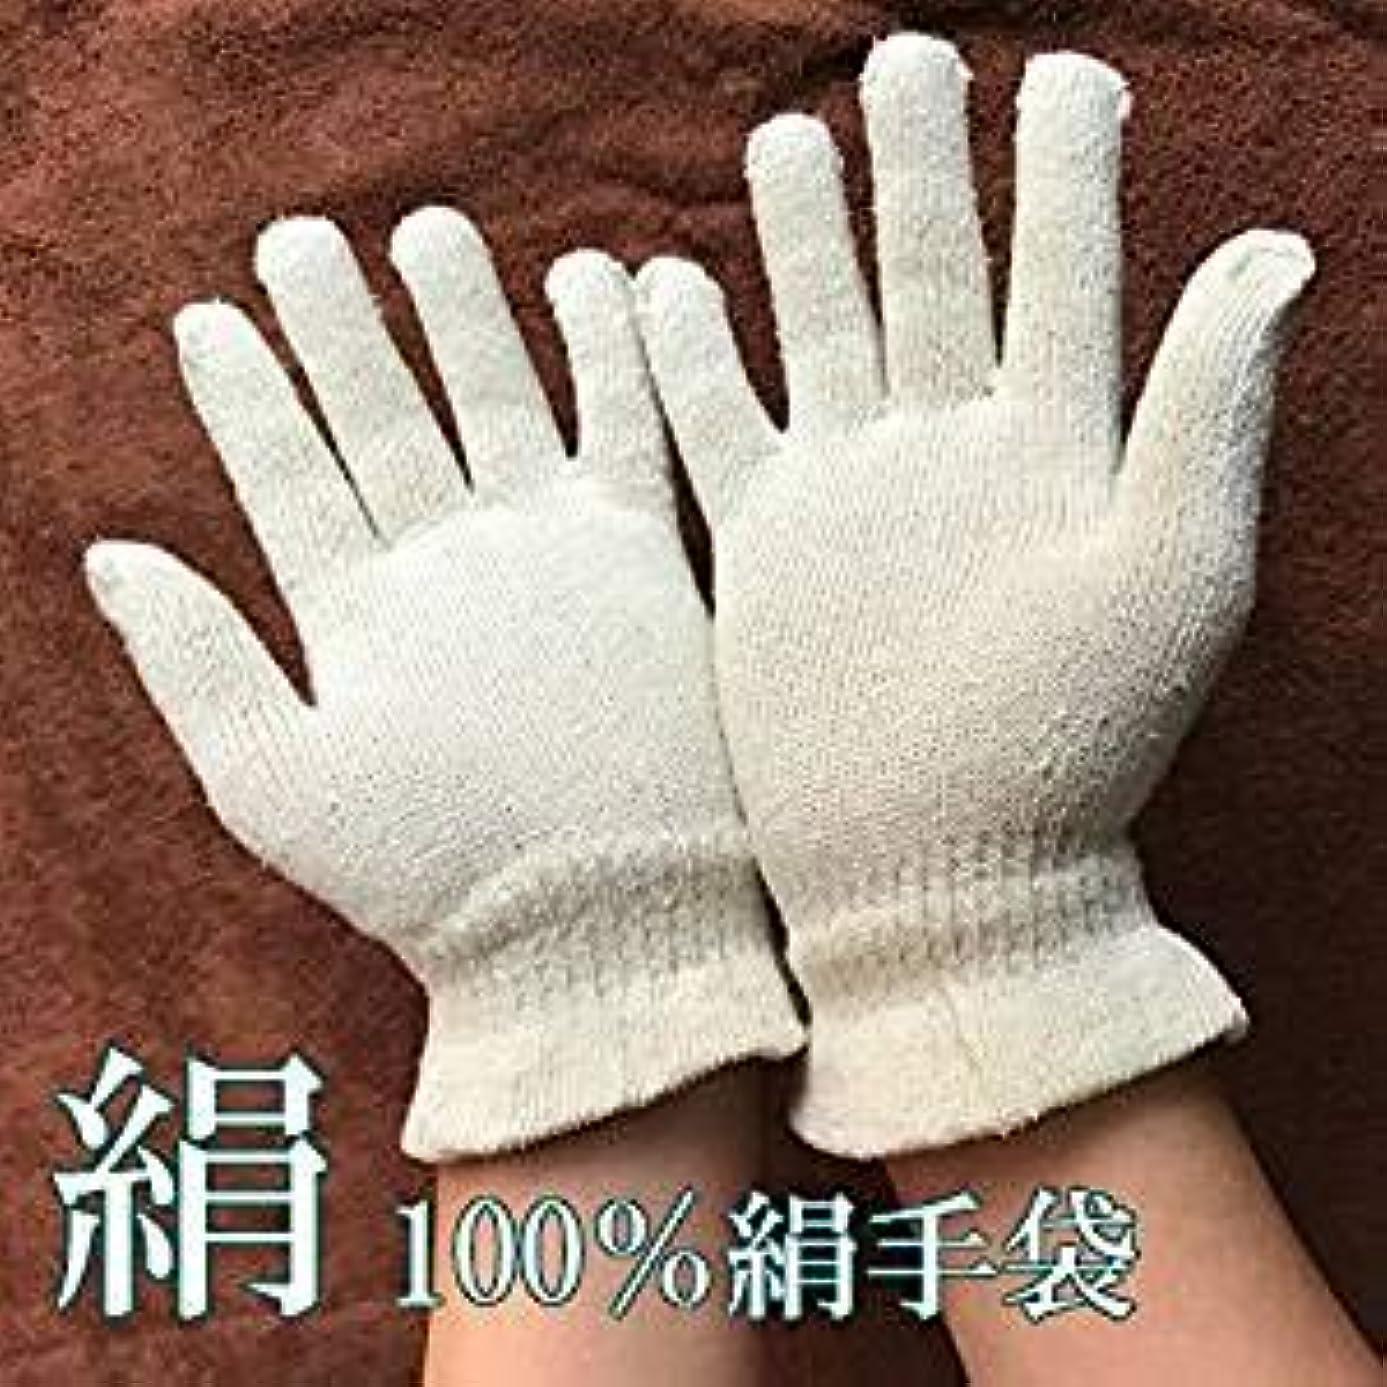 座る乱れ洗剤絹手袋2枚セット【ガルシャナ アーユルヴェーダ】カパ体質 おやすみ手袋 丈夫 手荒れケア 絹手袋 シルク手袋